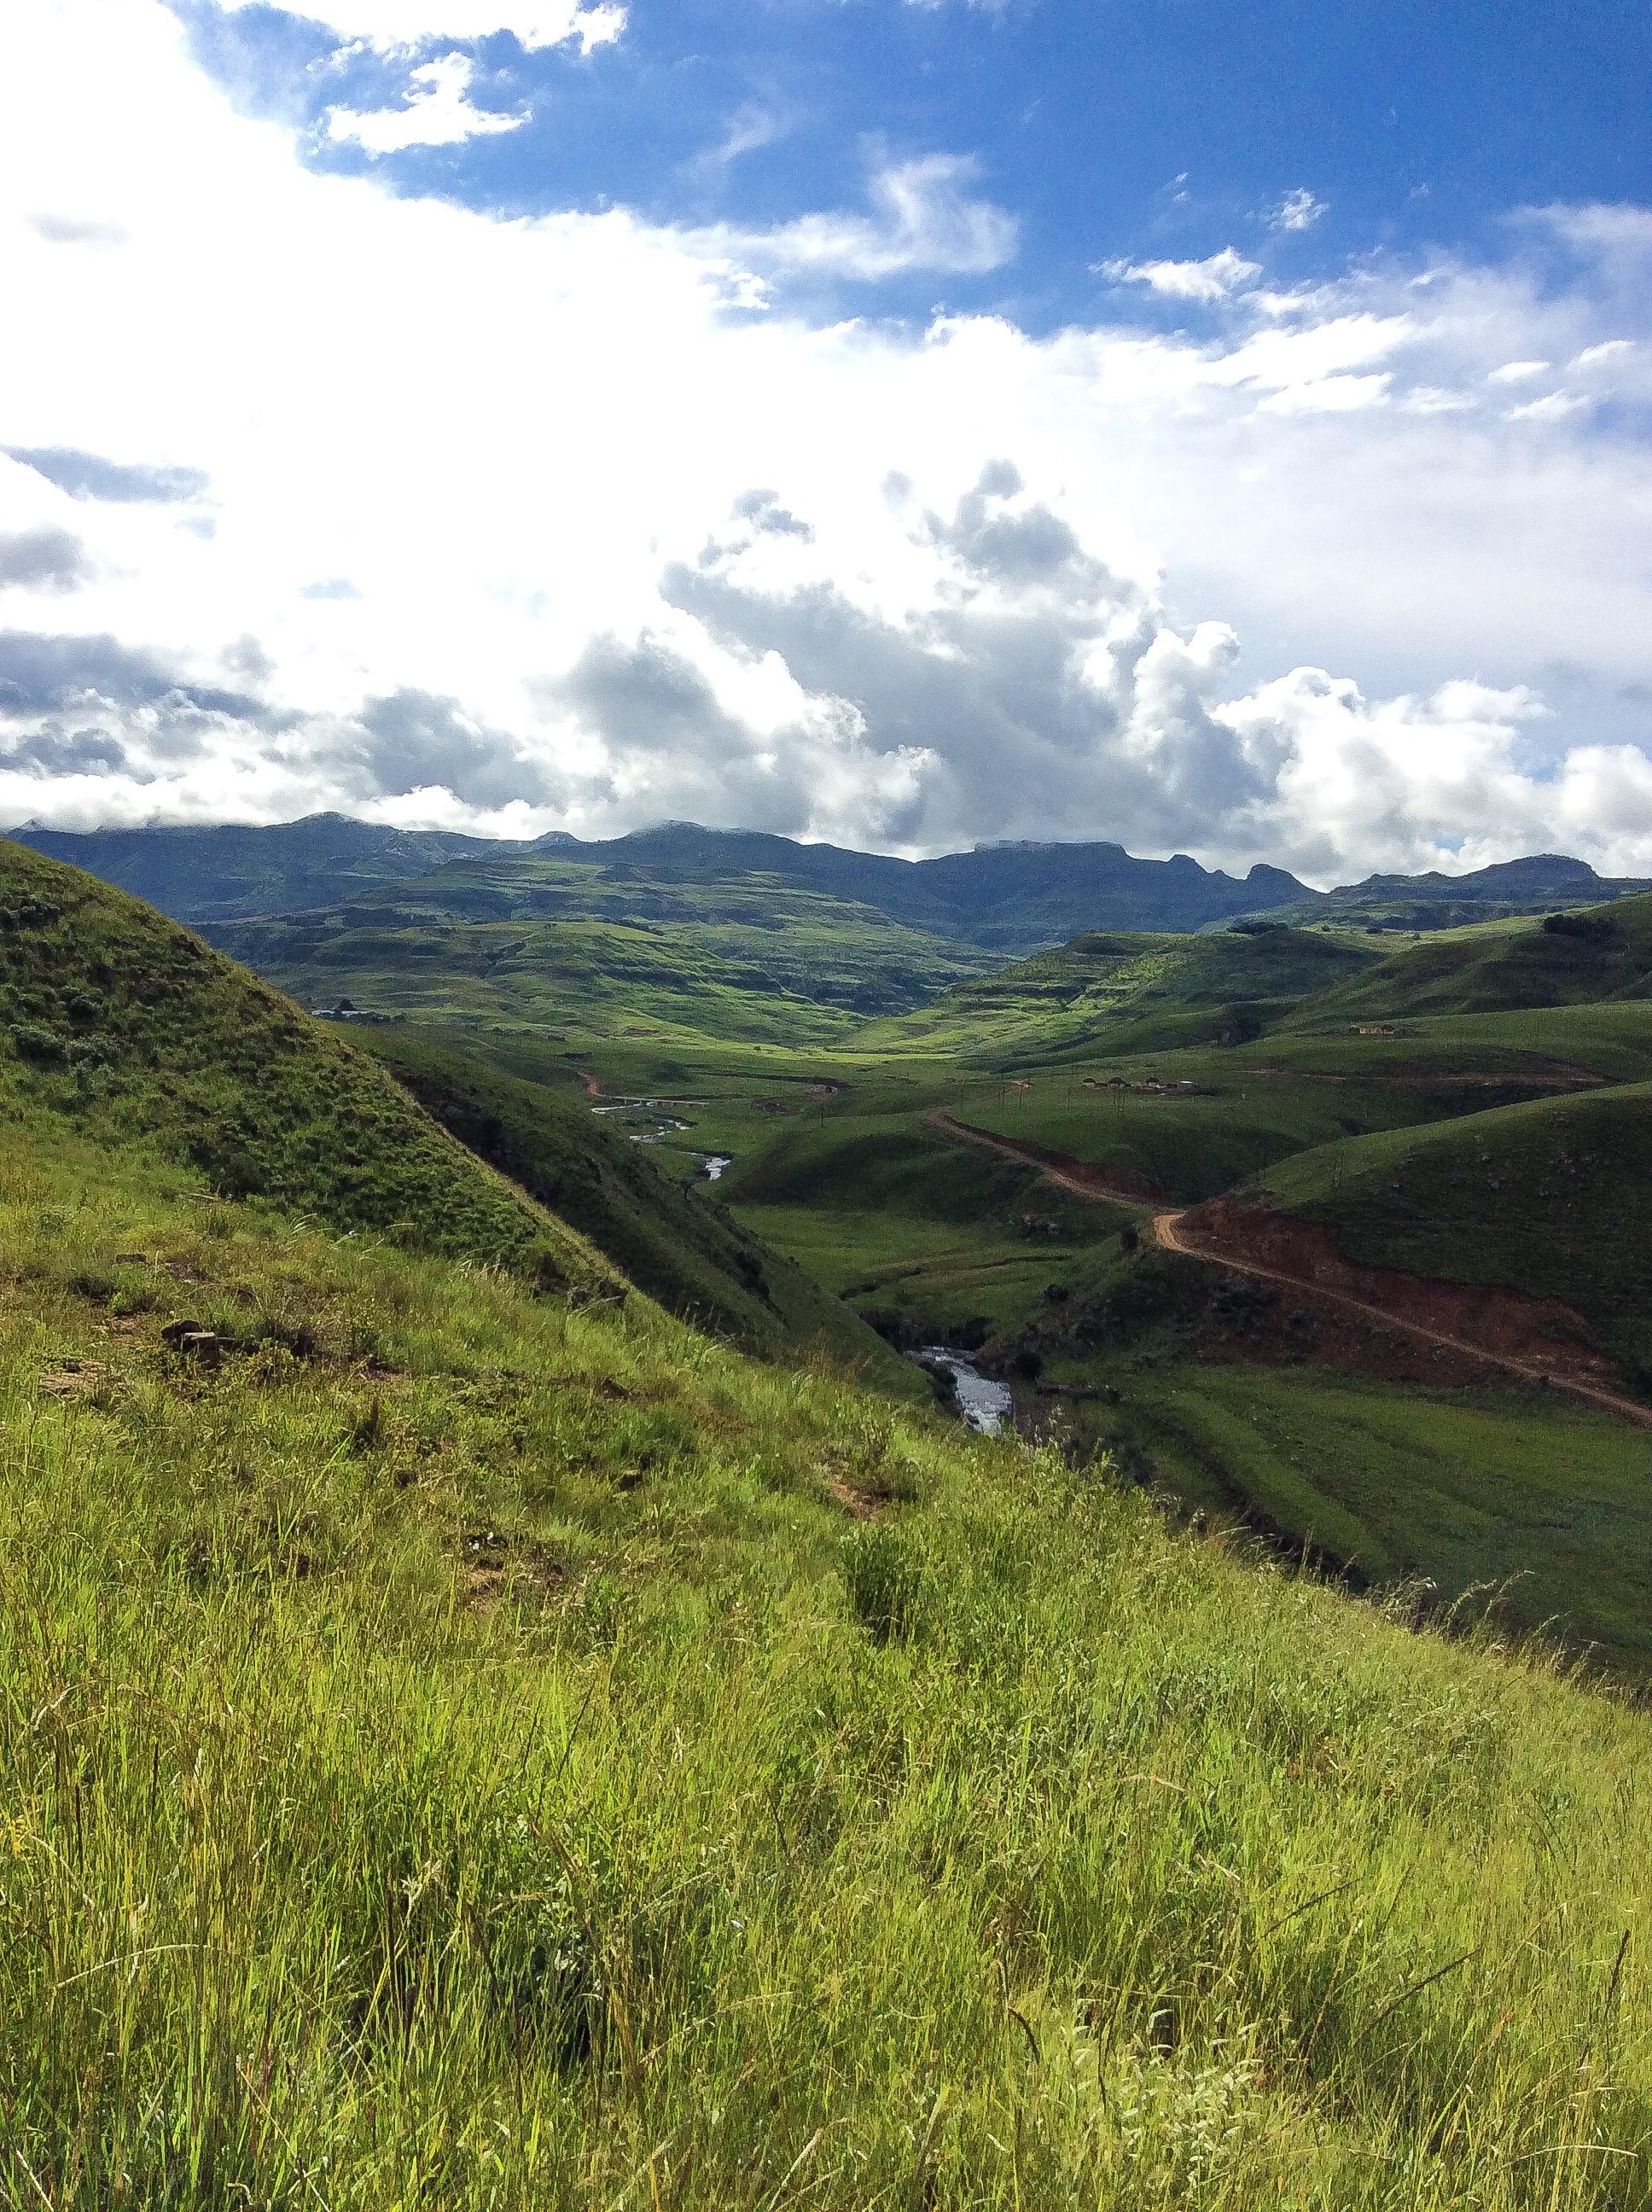 Drakensberg landscapes